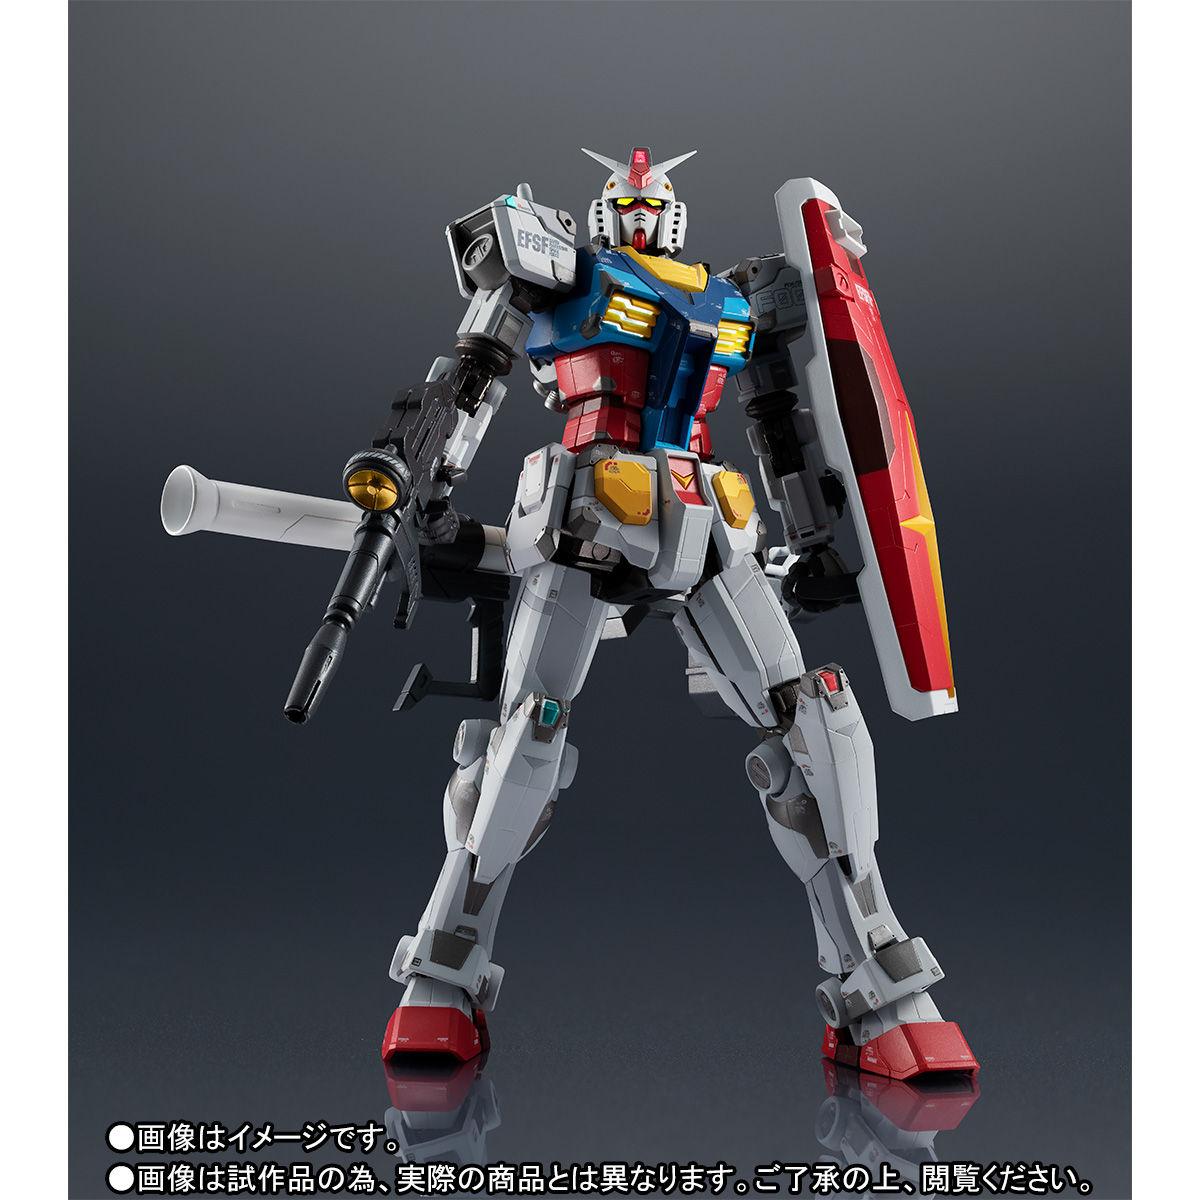 【限定販売】超合金×GUNDAM FACTORY YOKOHAMA『RX-78F00 GUNDAM』可動フィギュア-008